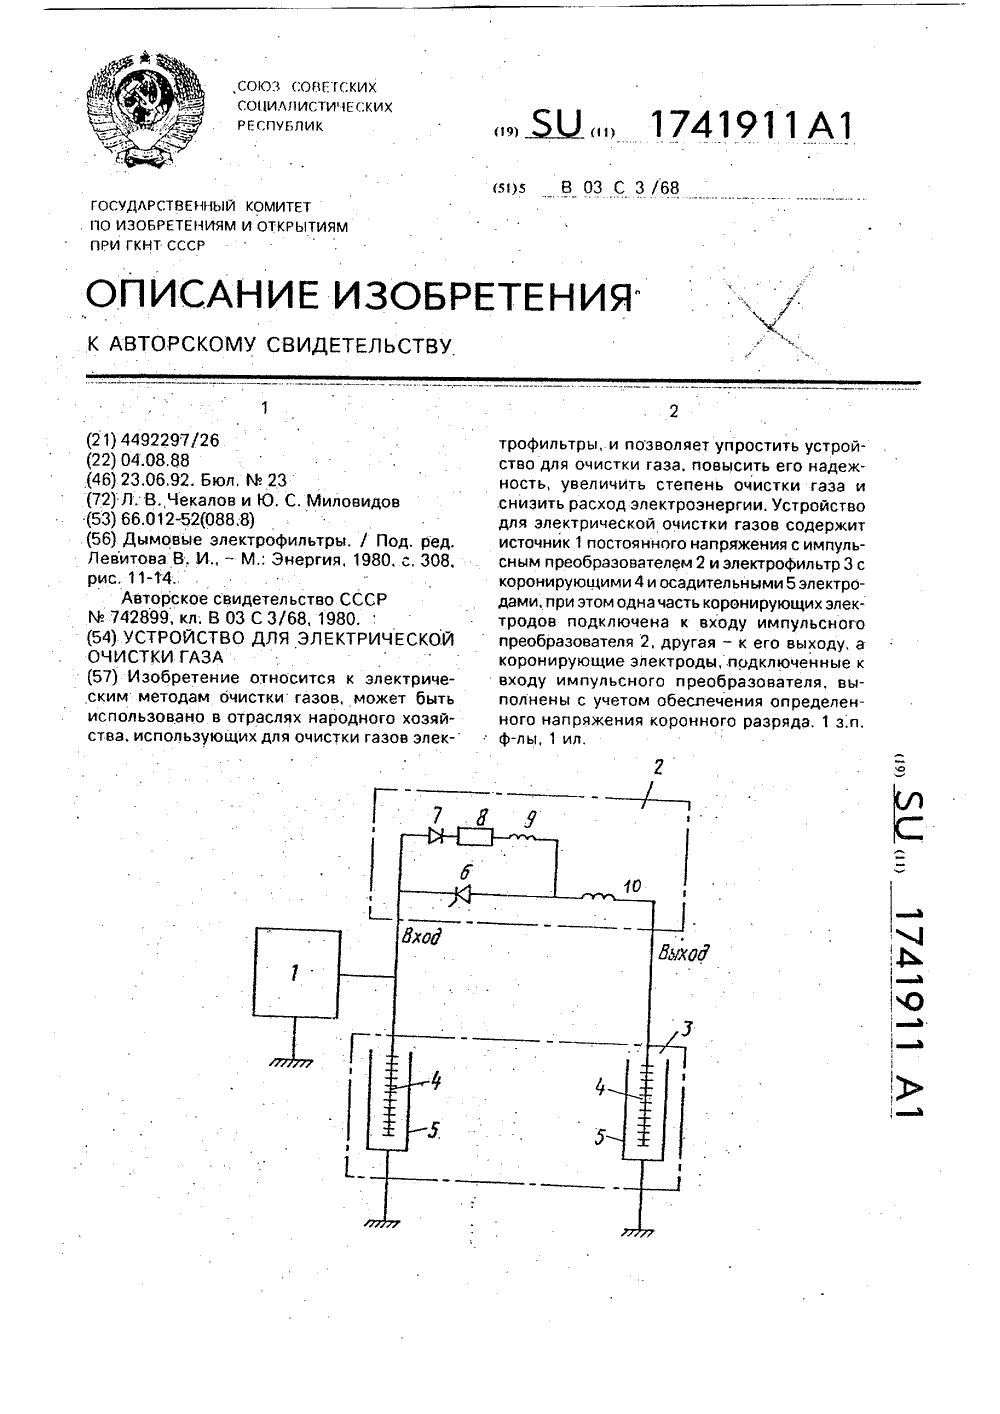 электрическая схема сзц-1 , сзц-2